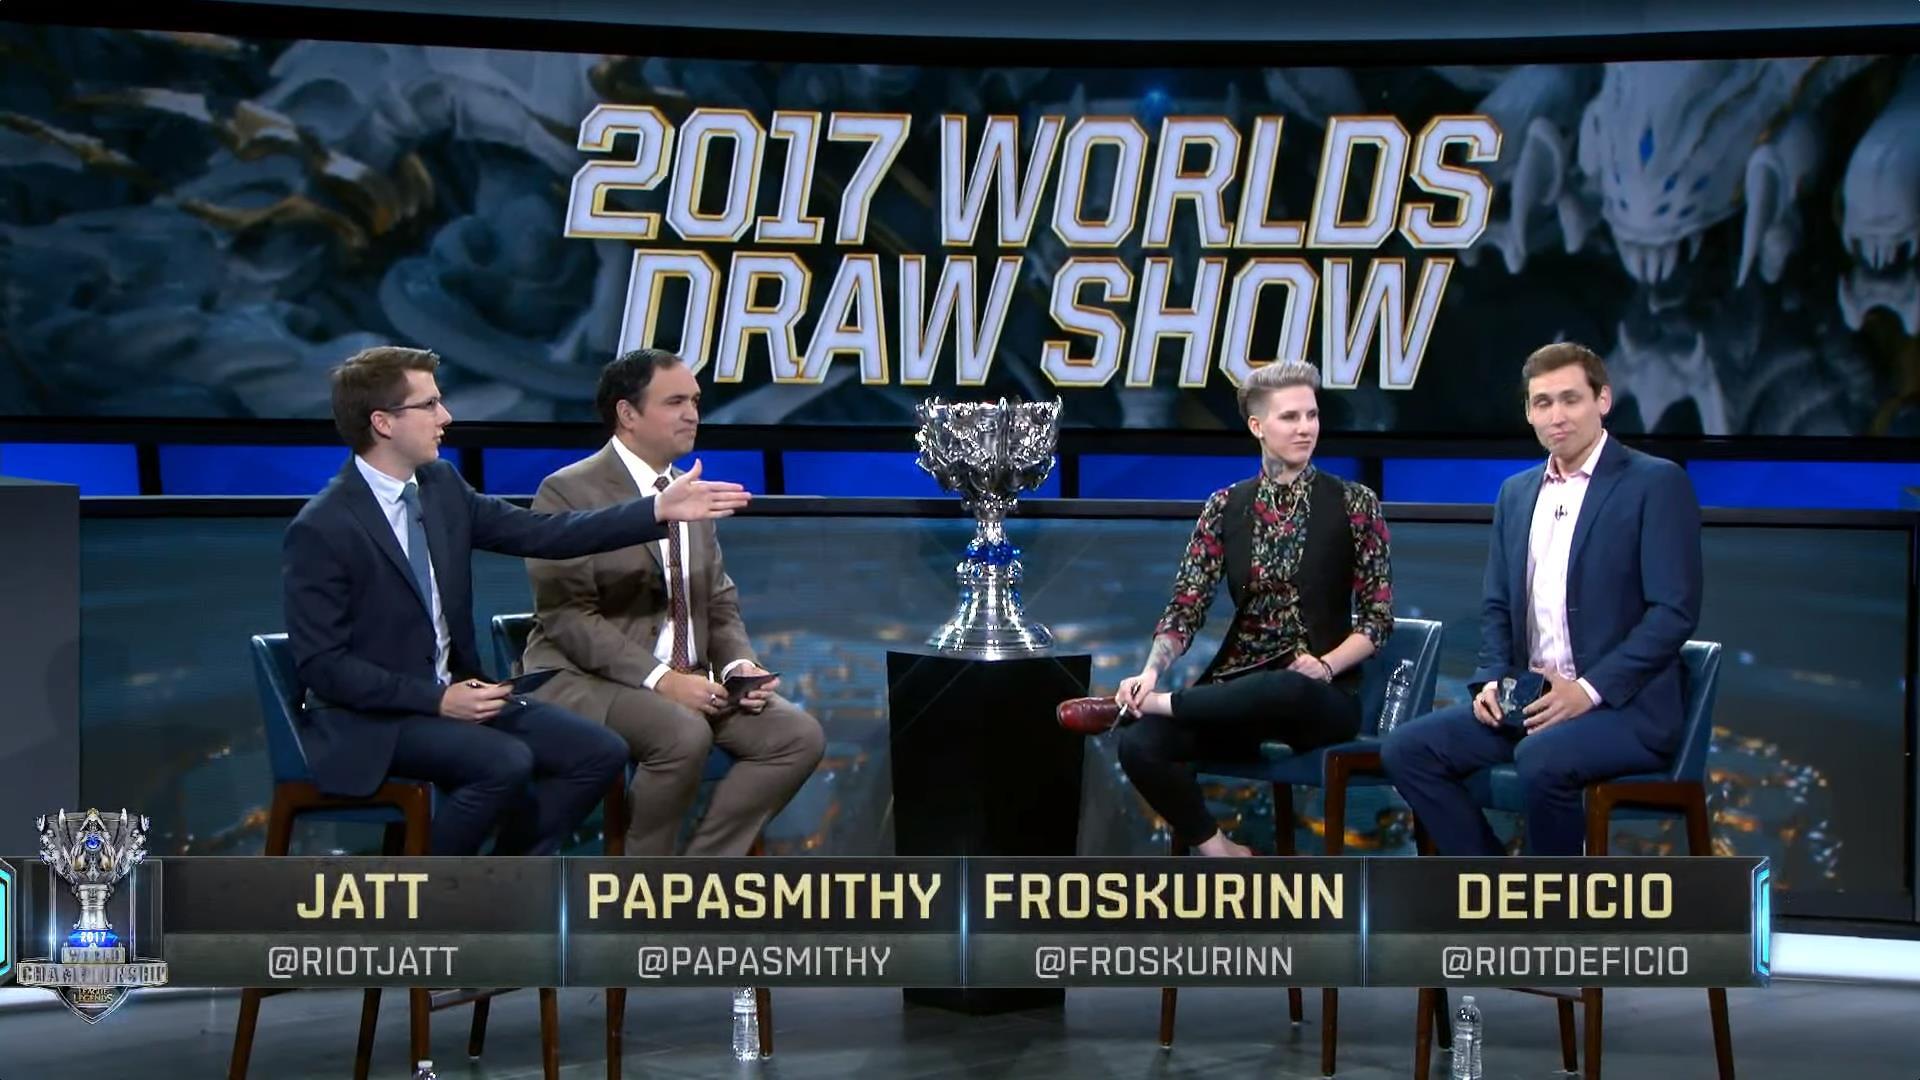 2017全球总决赛抽签结果及相关言论整合:骚还是欧美骚